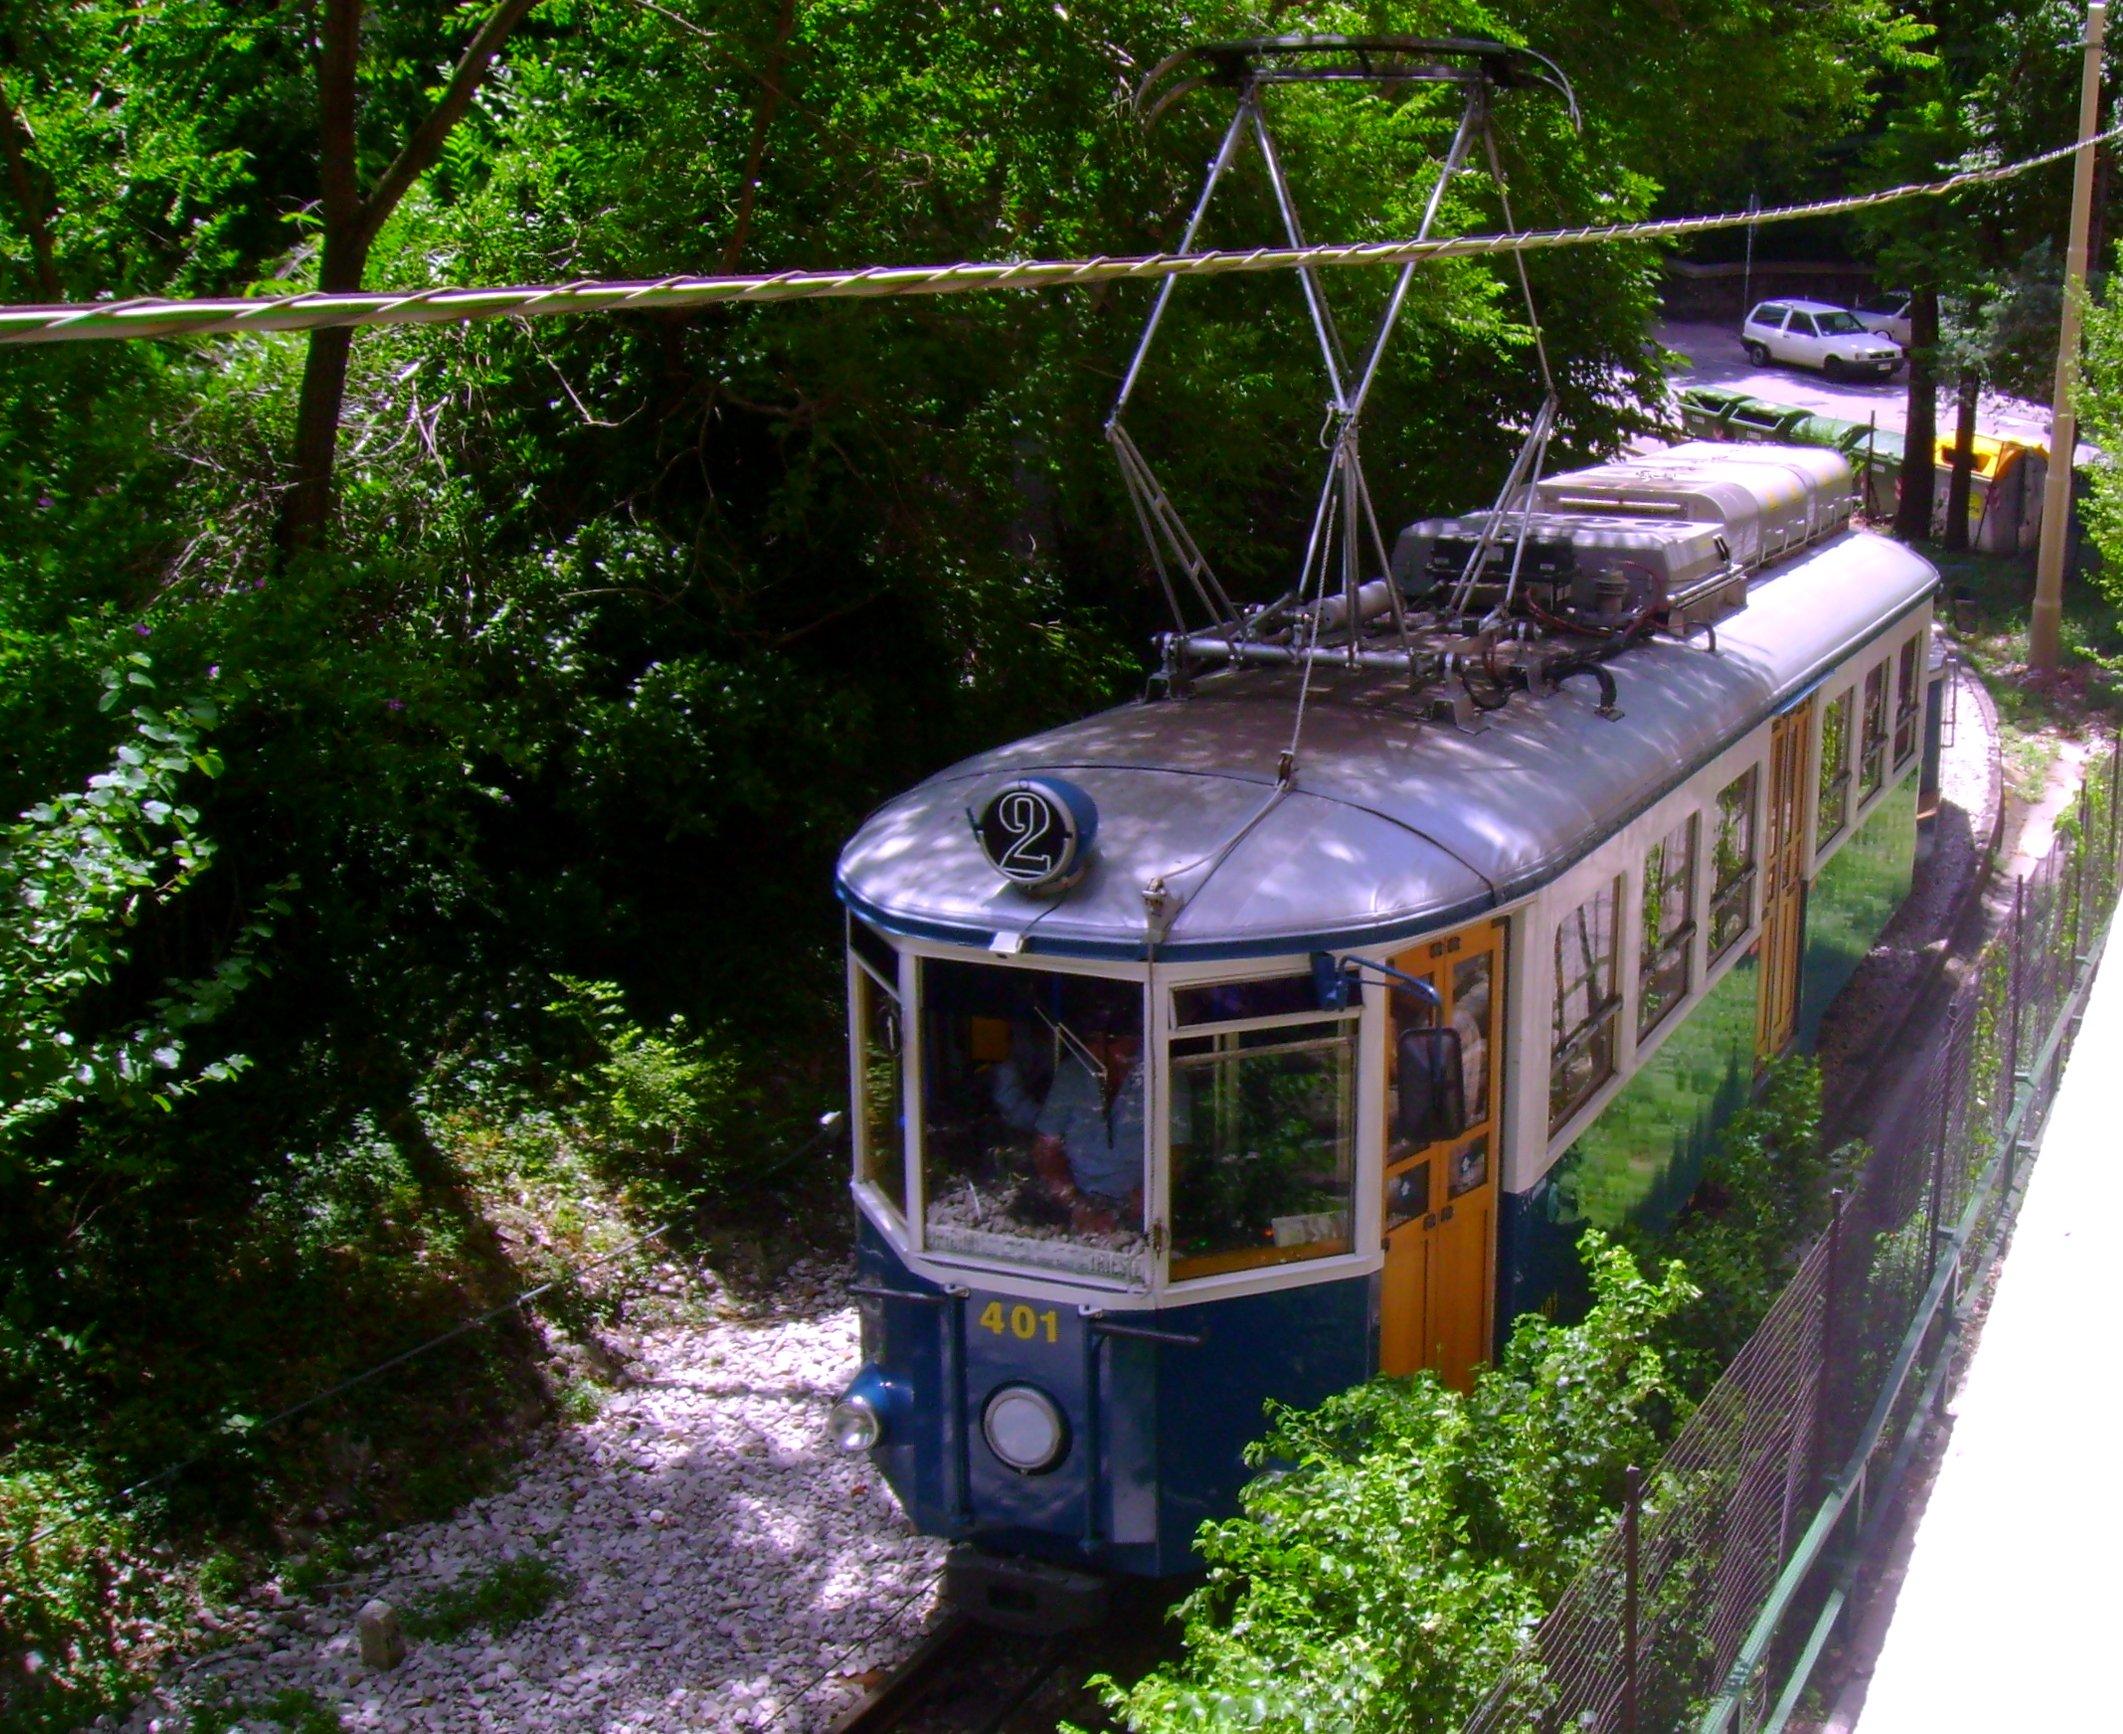 Trieste tram, Trieste funicular, Opicina